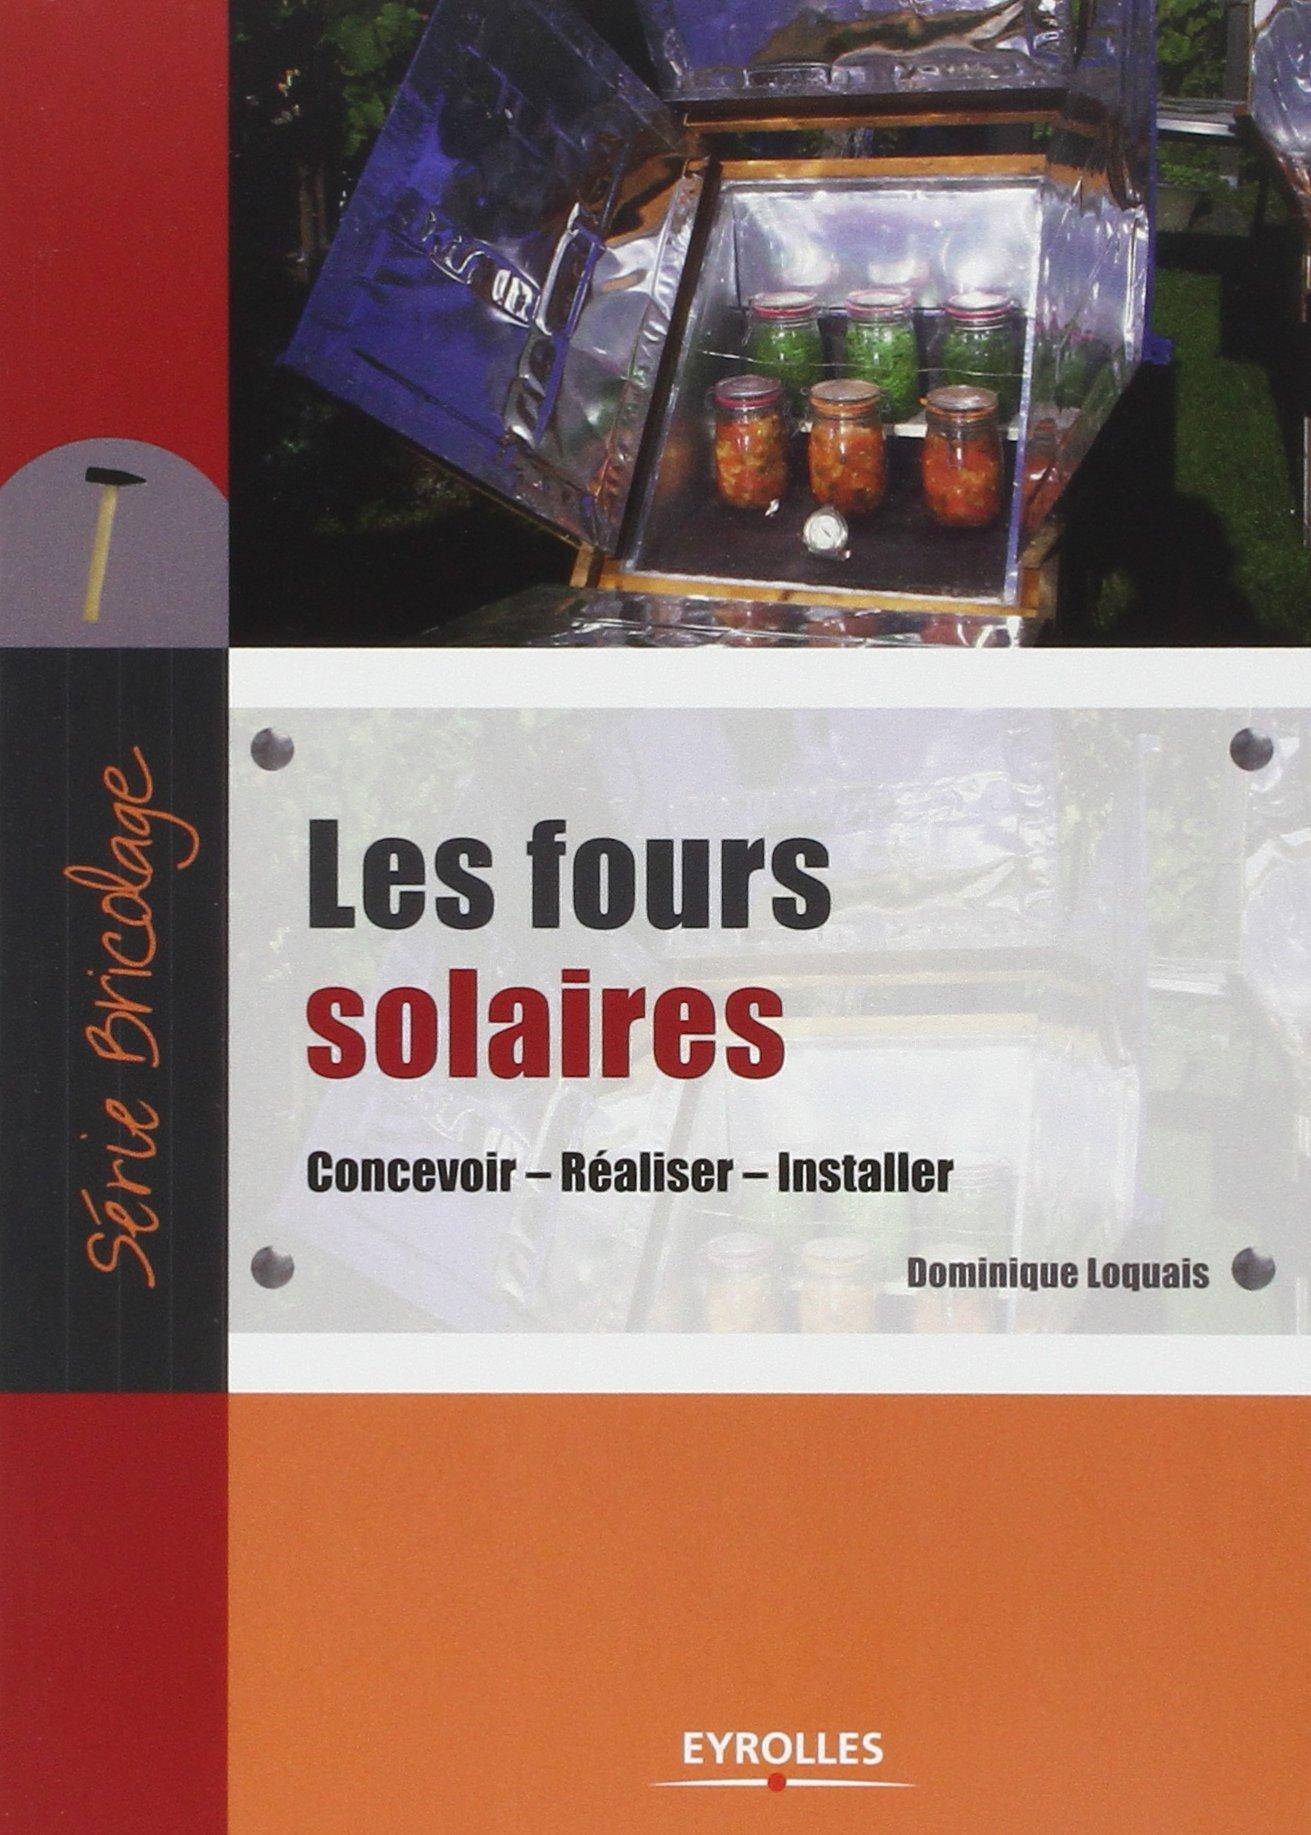 les fours solaires serie bricolage